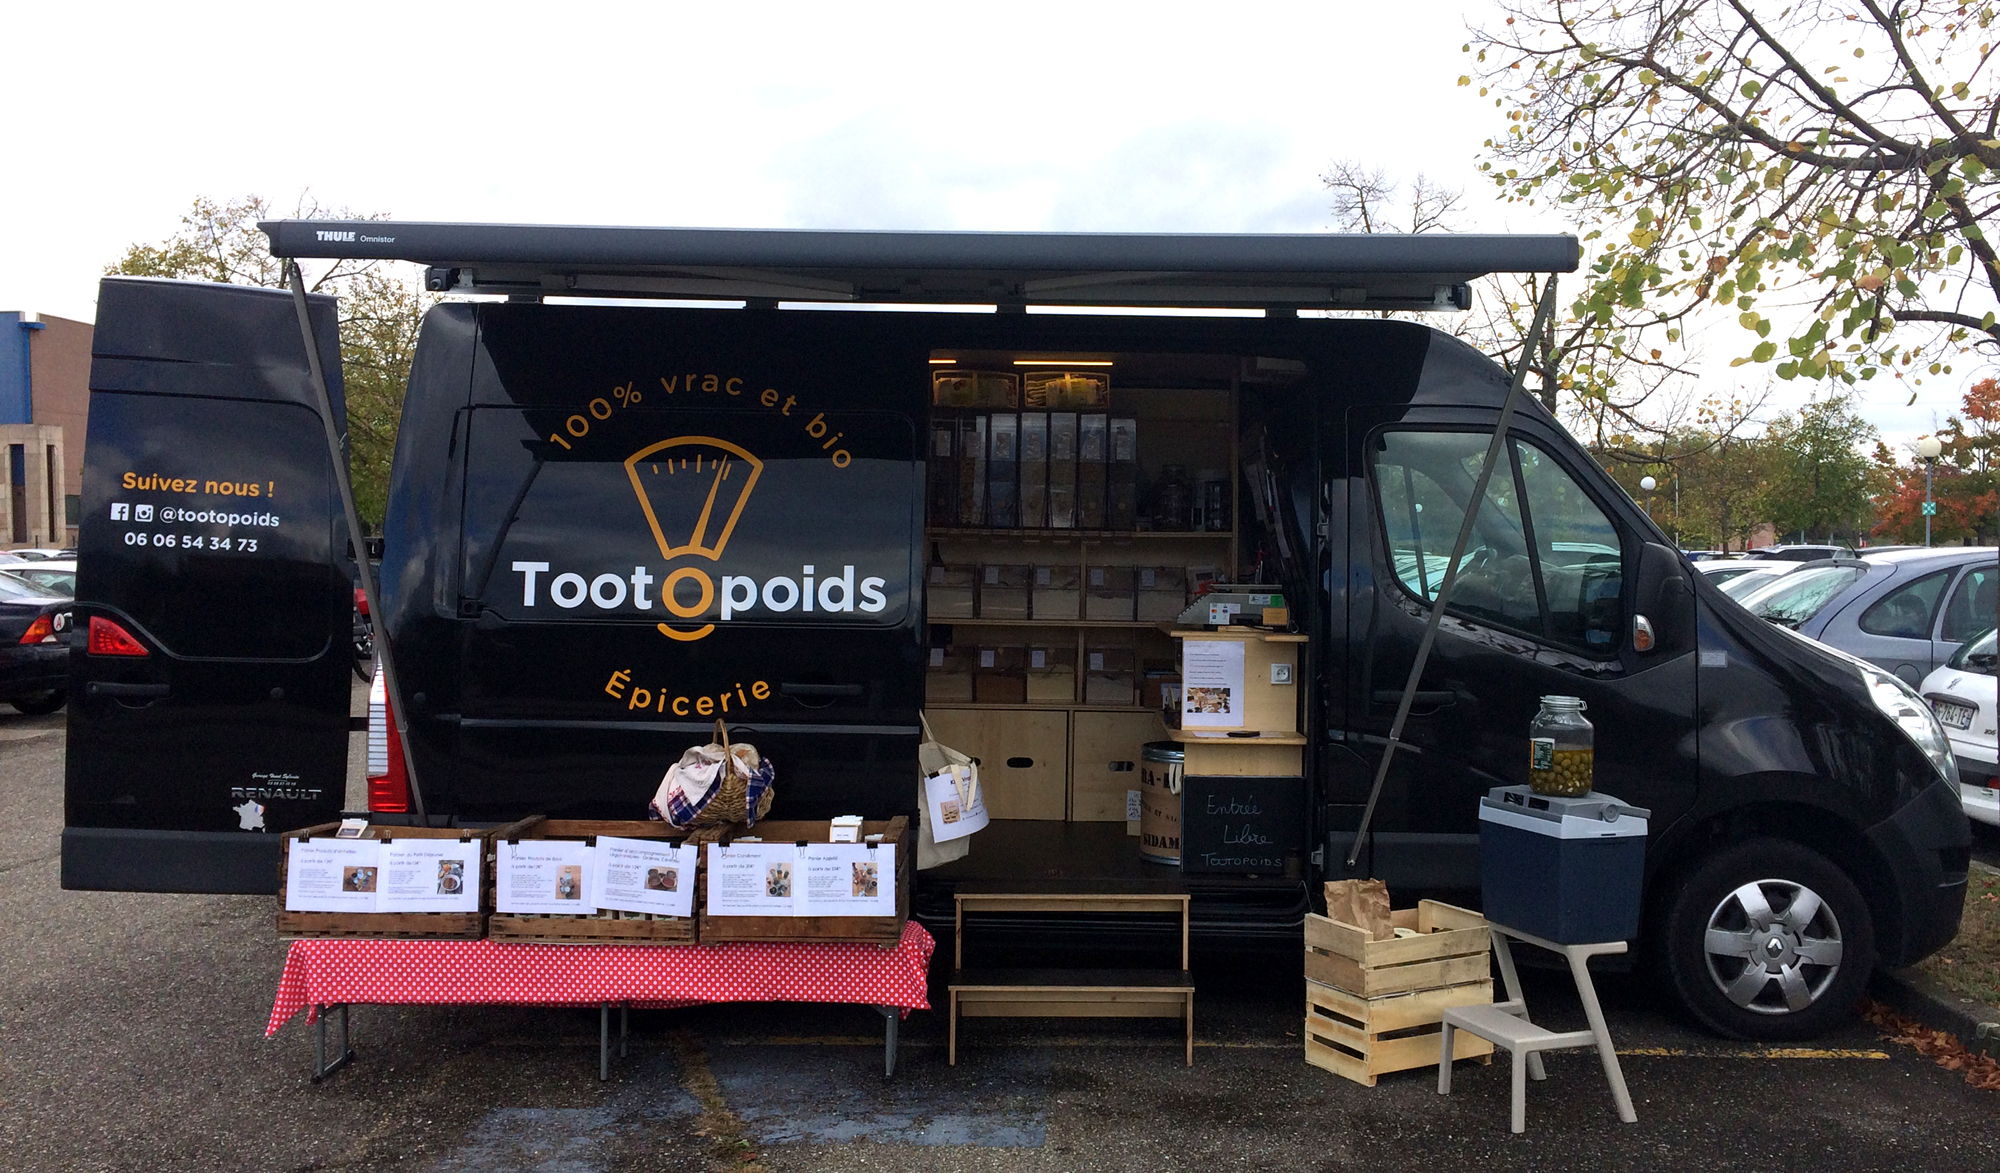 TOOTOPOIDS Epicerie itinérante 100% vrac et bioen Alsace, tom le camion